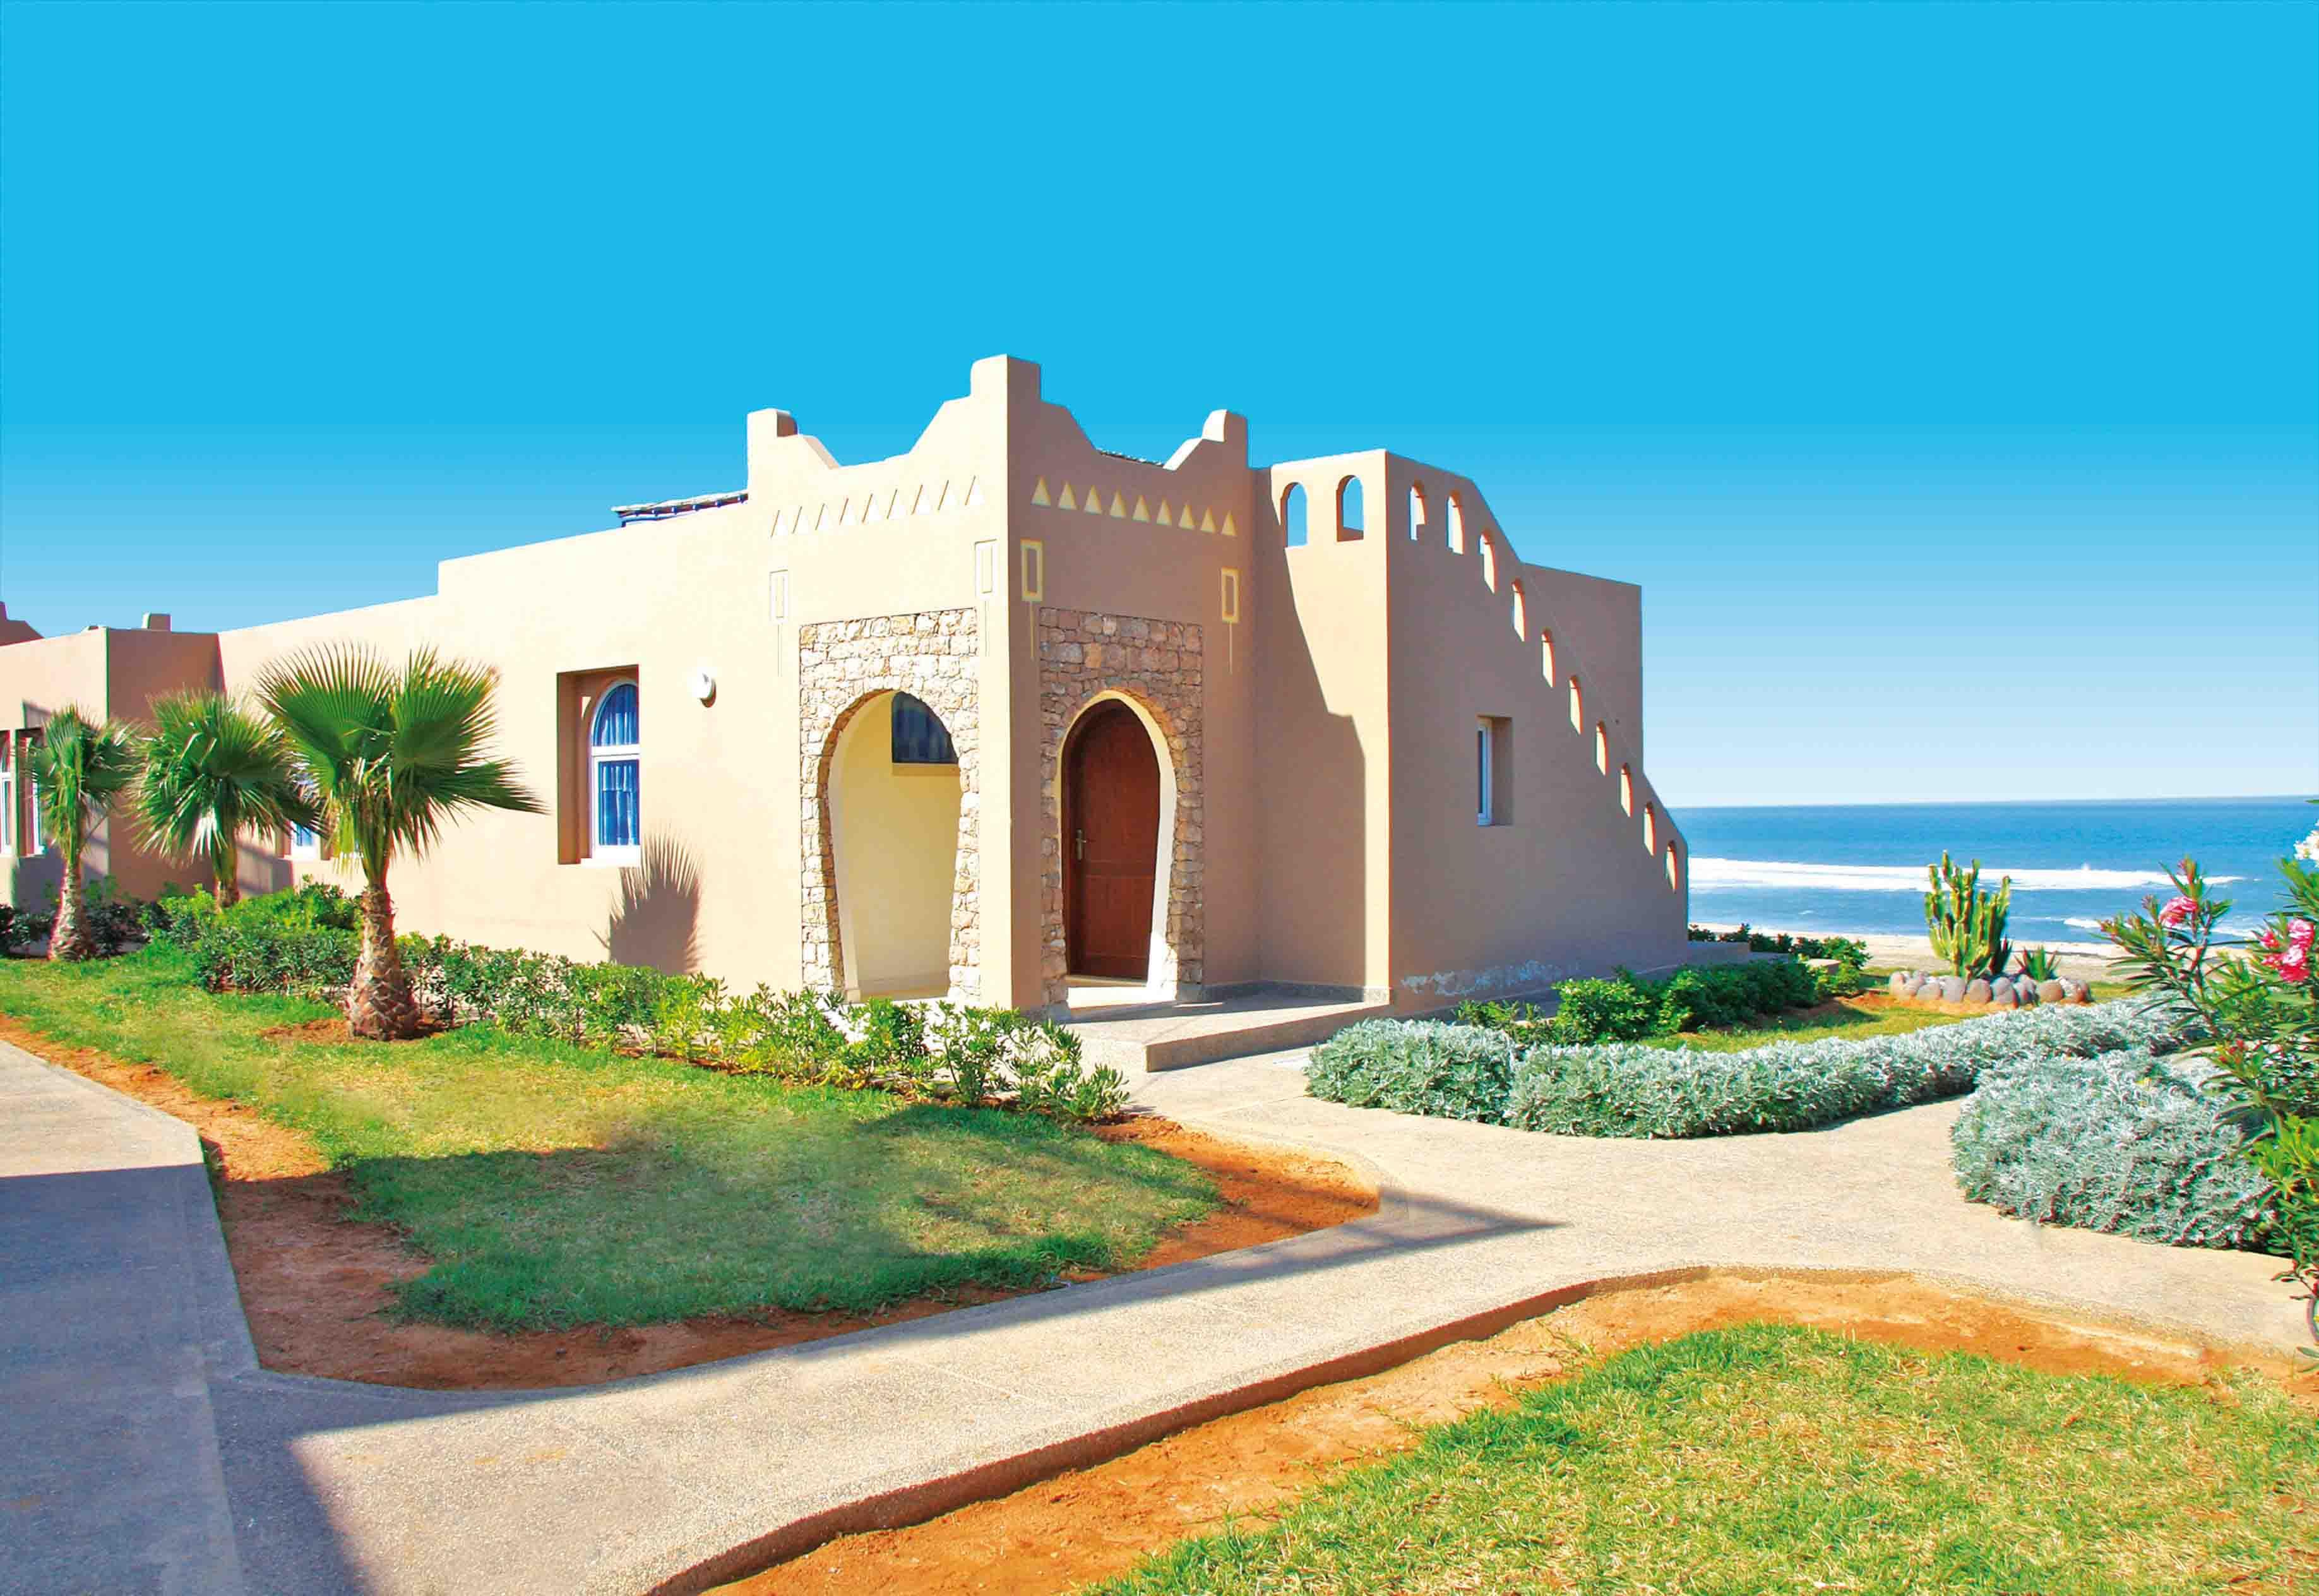 Villa Vendre Saidia Maroc Vente Villa Saidia Pas Cher